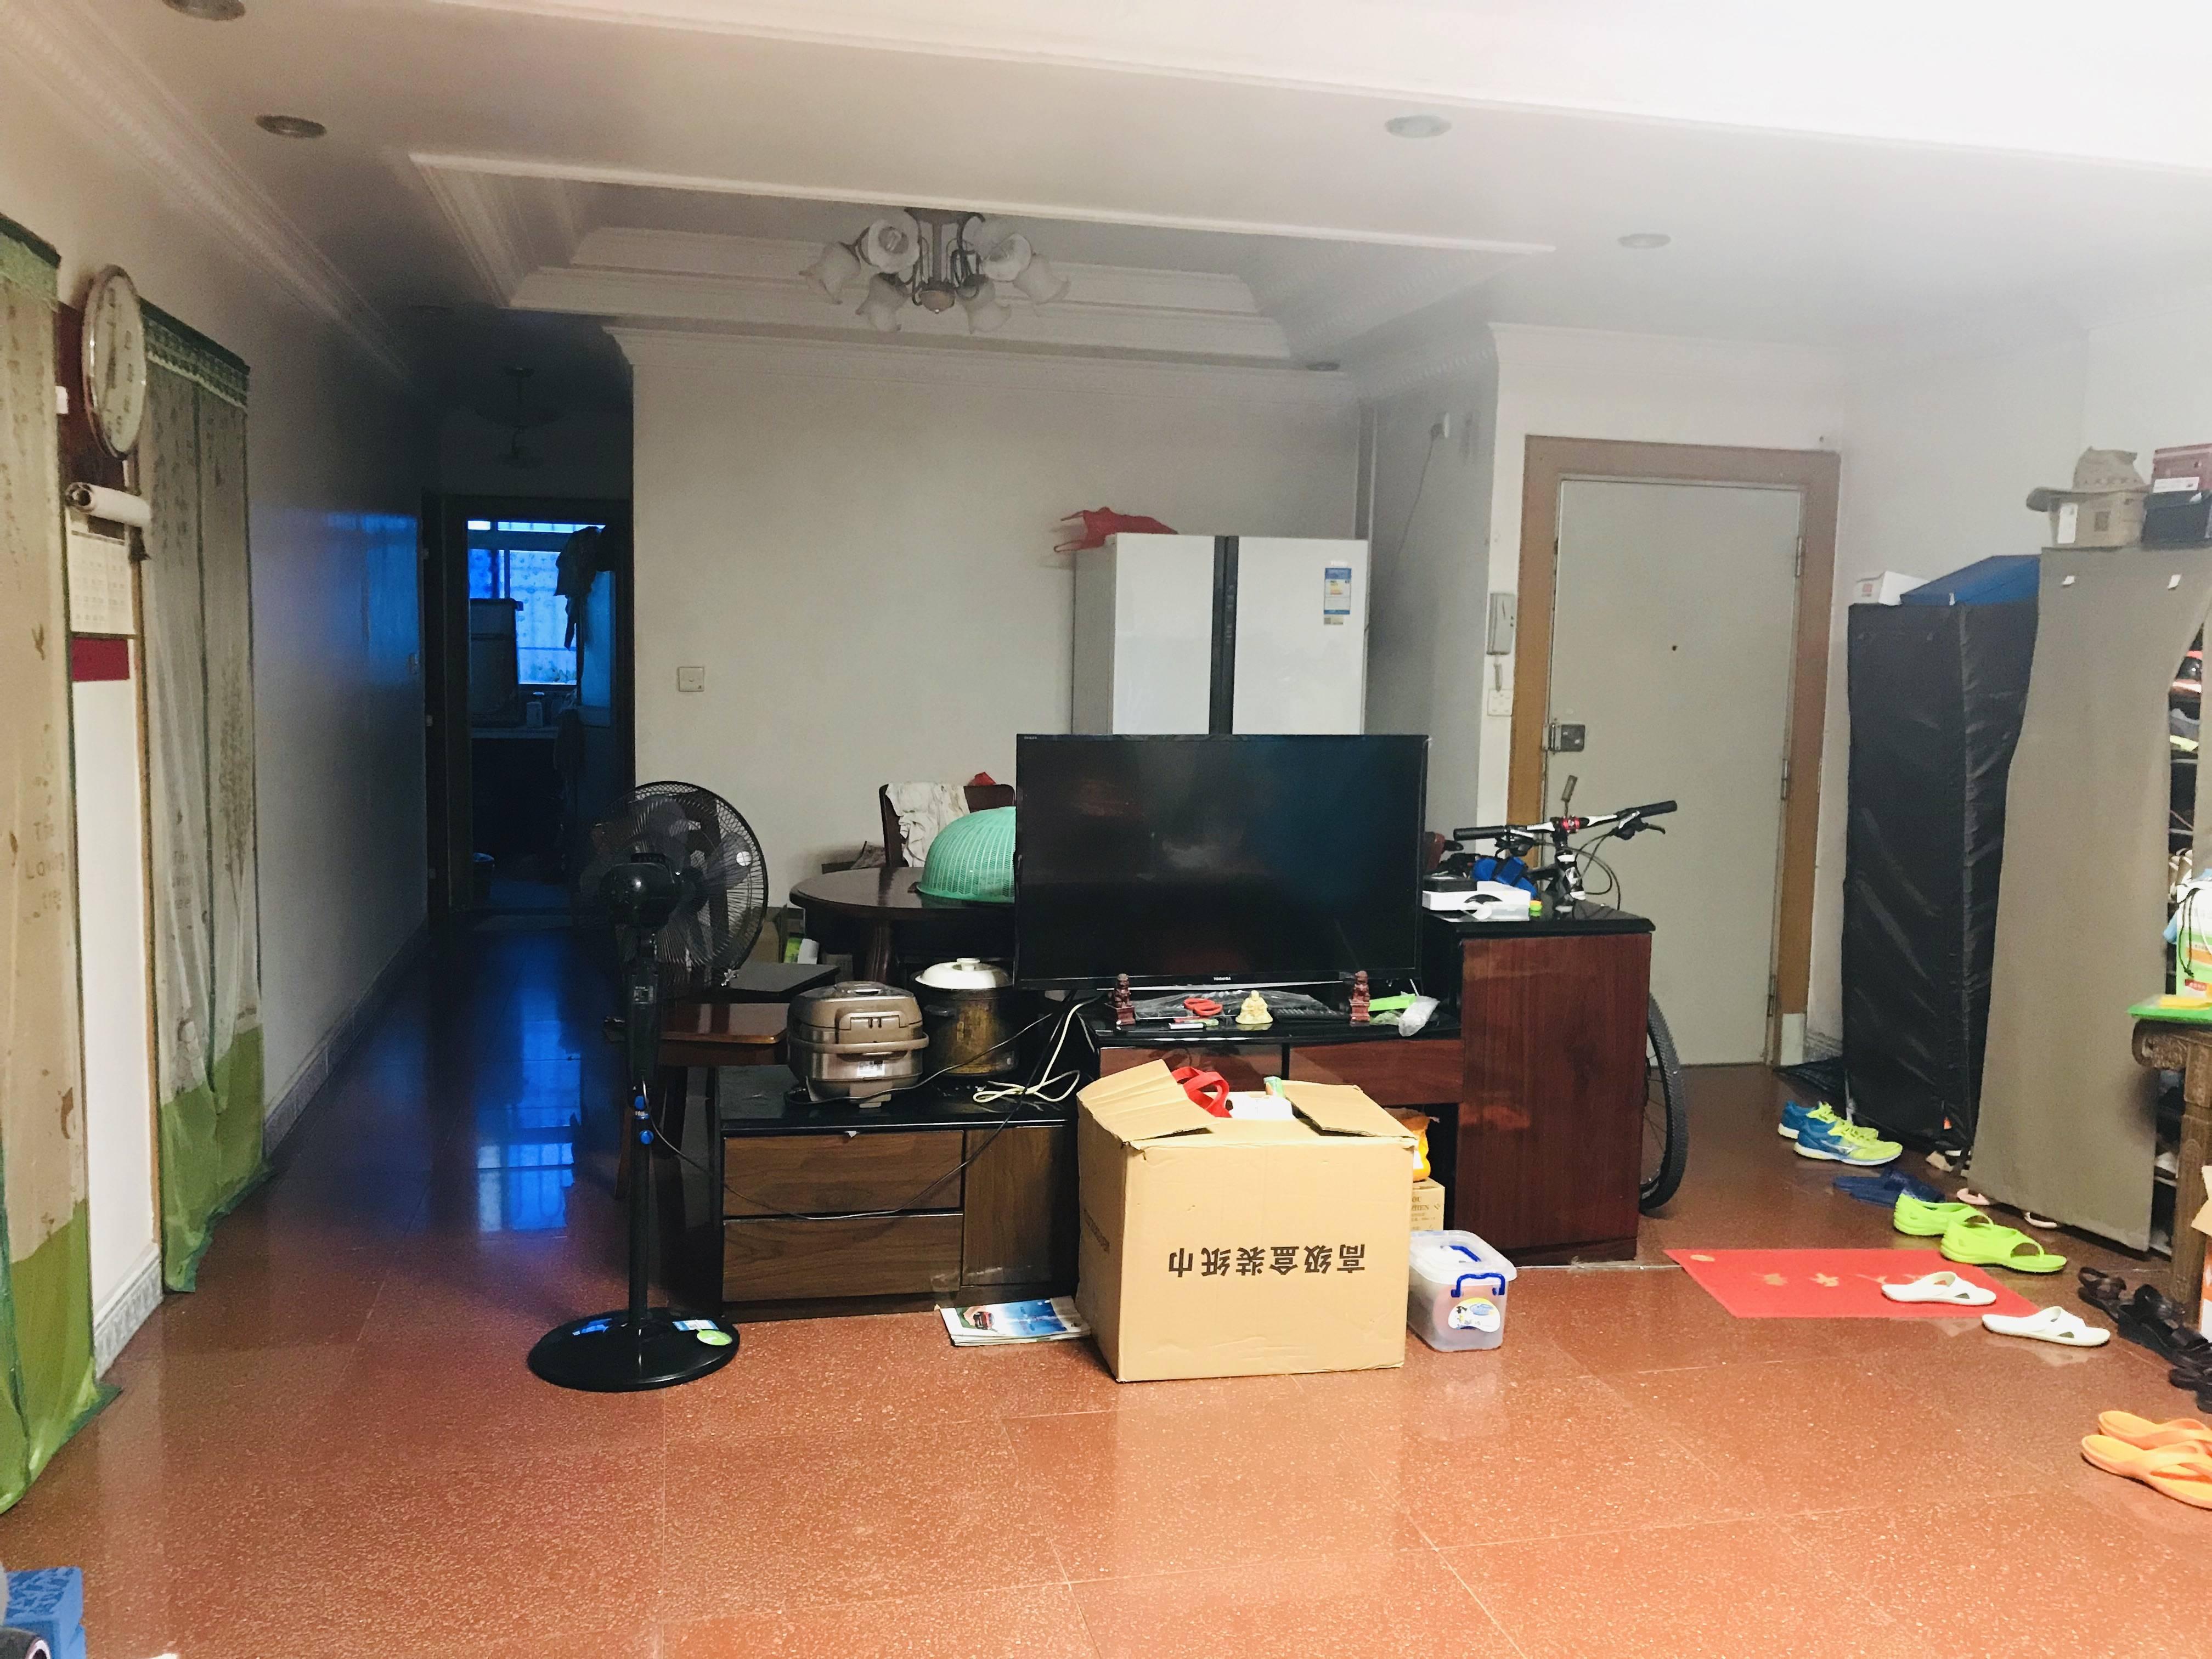 邮电新村江北中心位置学区房 带富民小学学位 中间楼层 三房少有放盘